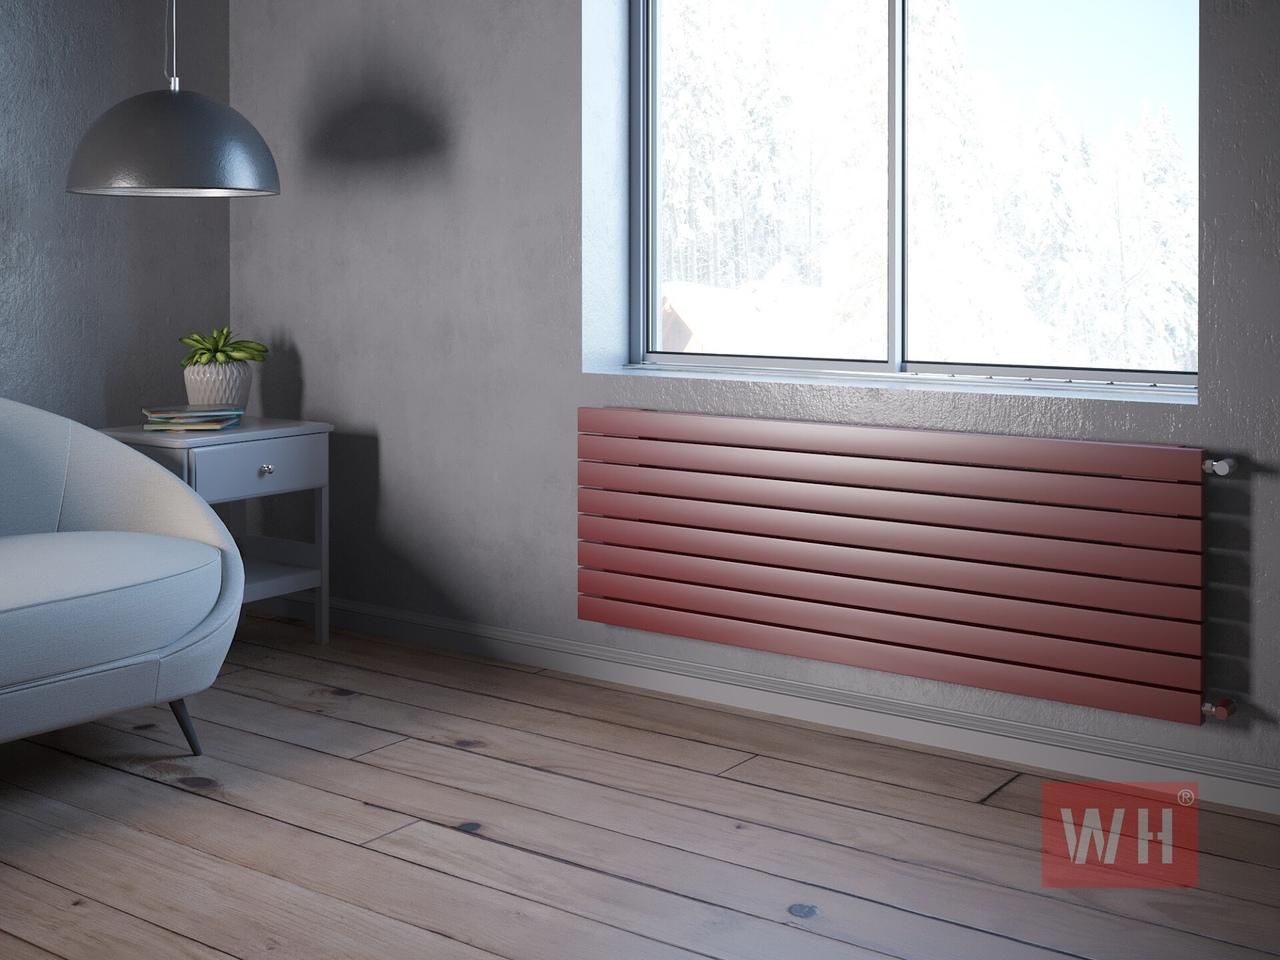 Стальной трубчатый радиатор WH Steel P Горизонтальный